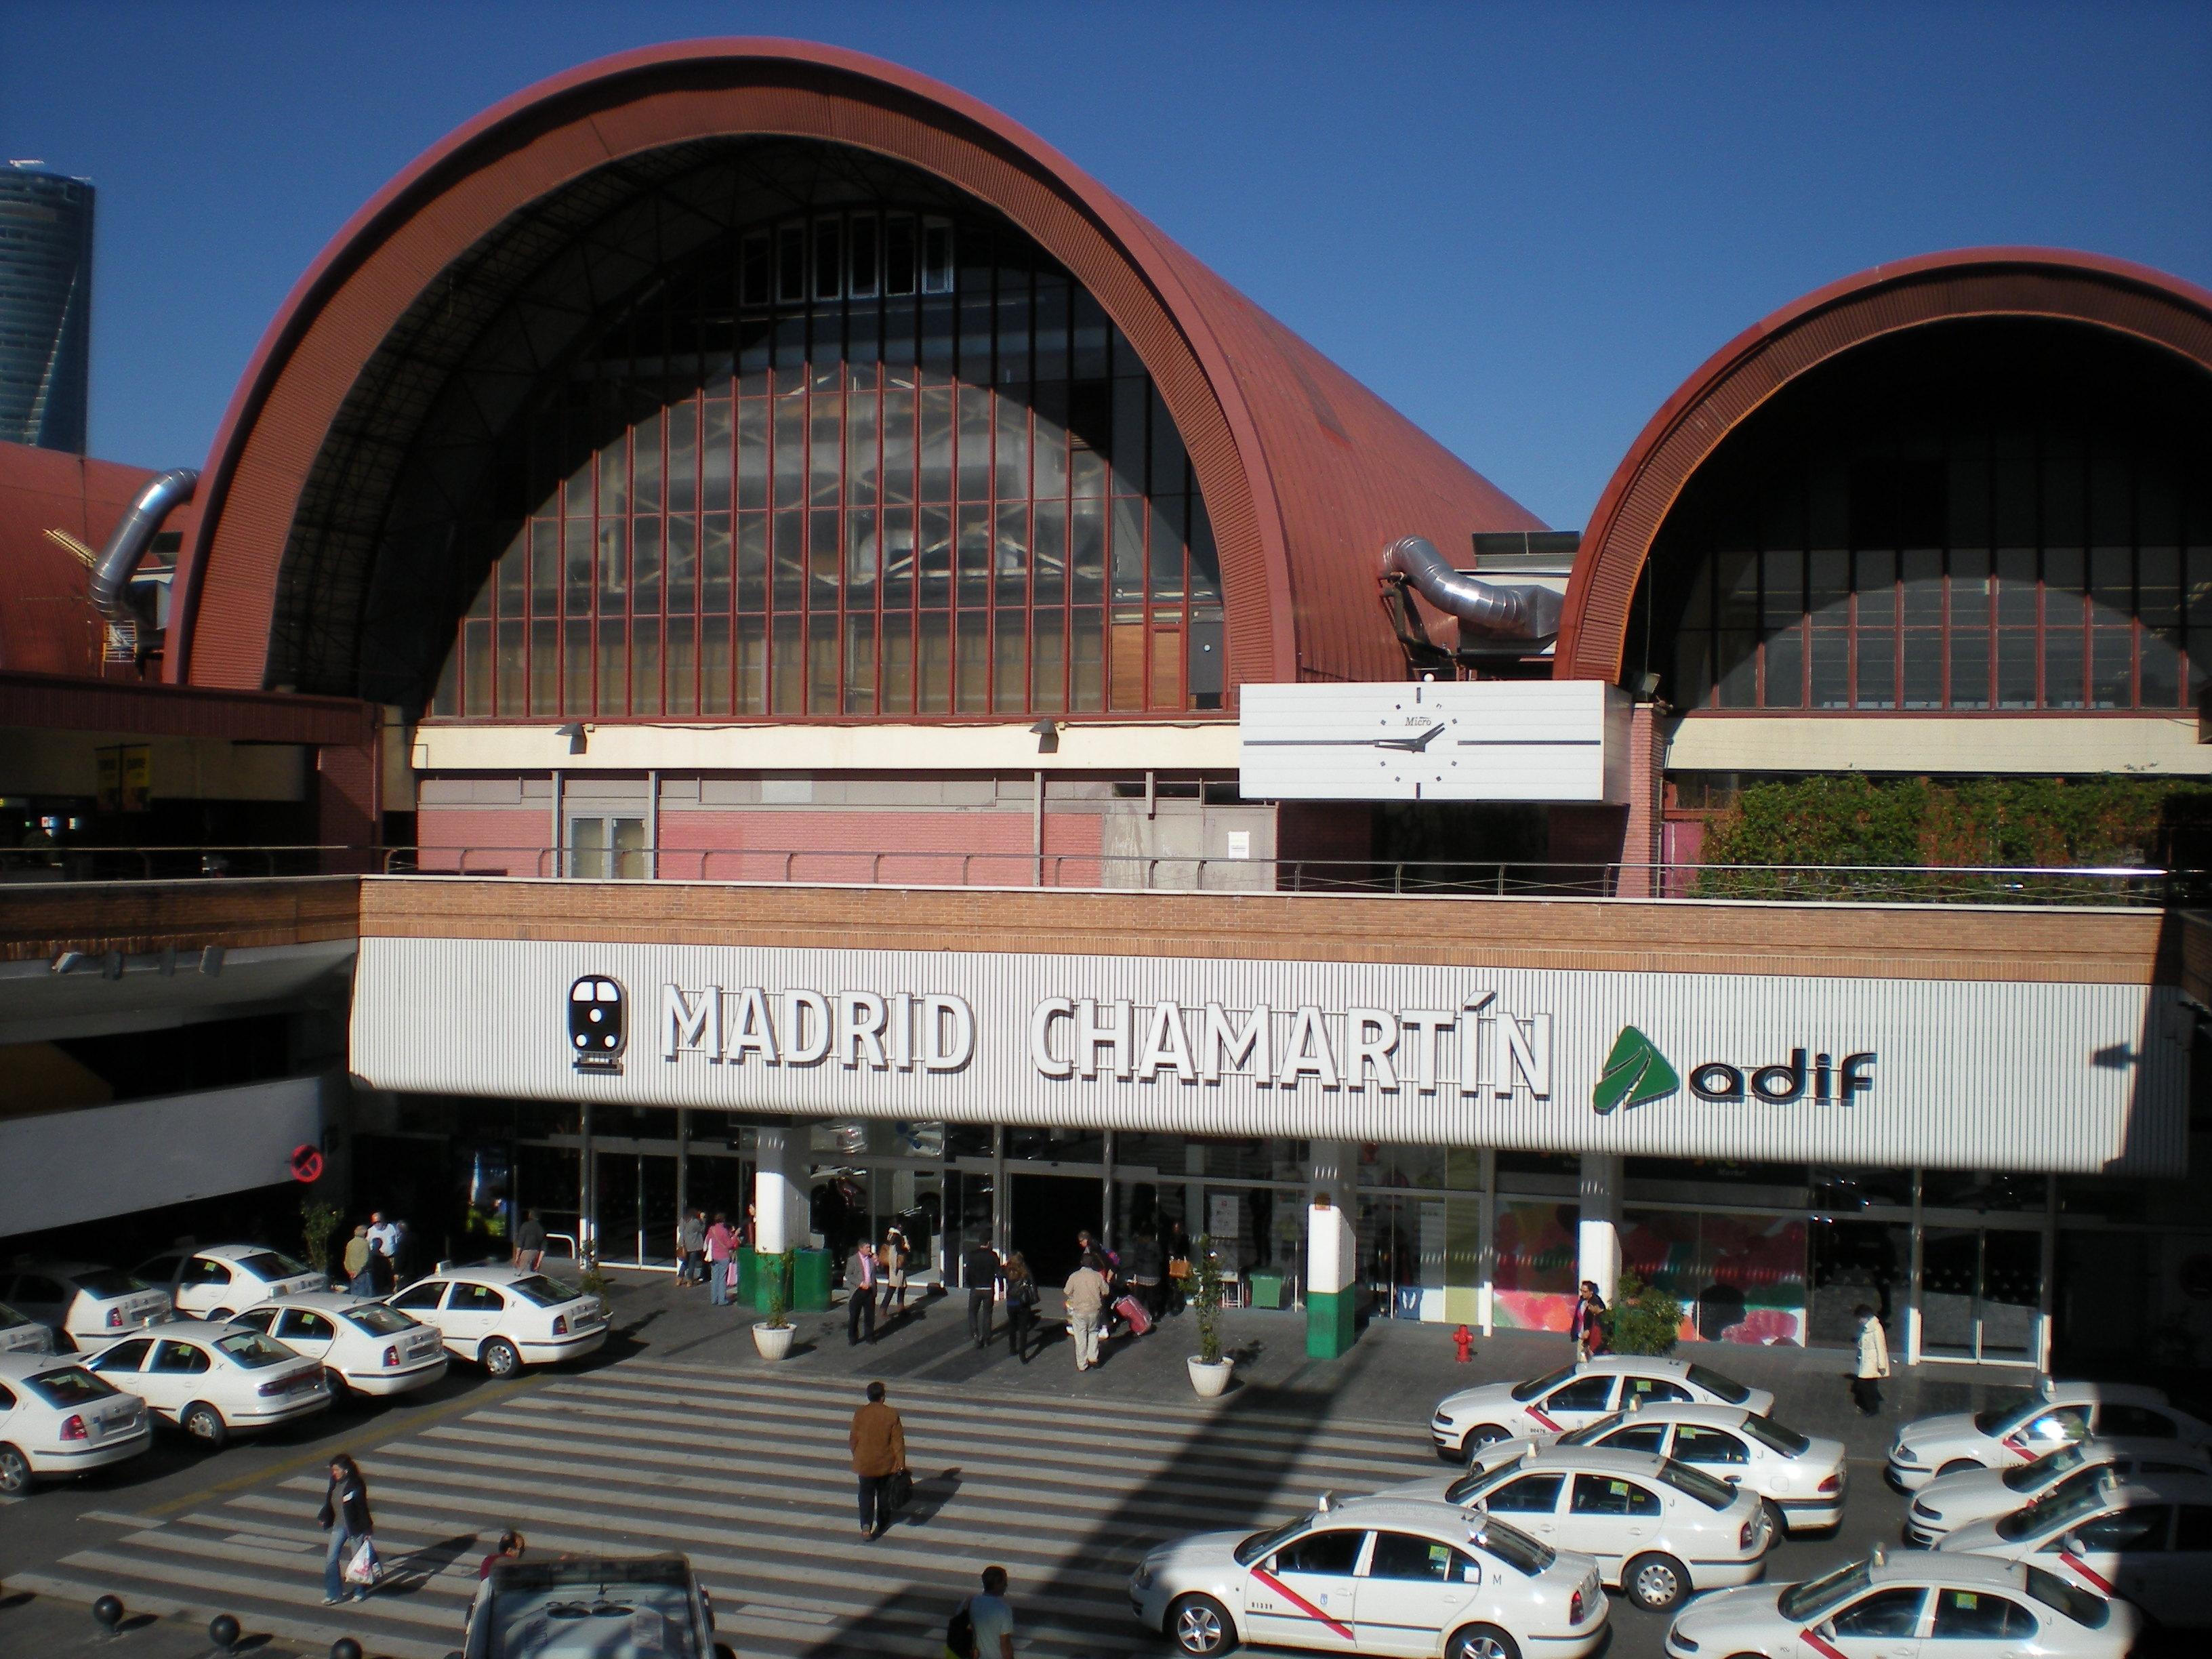 La Estacion Hotel Benidorm Website